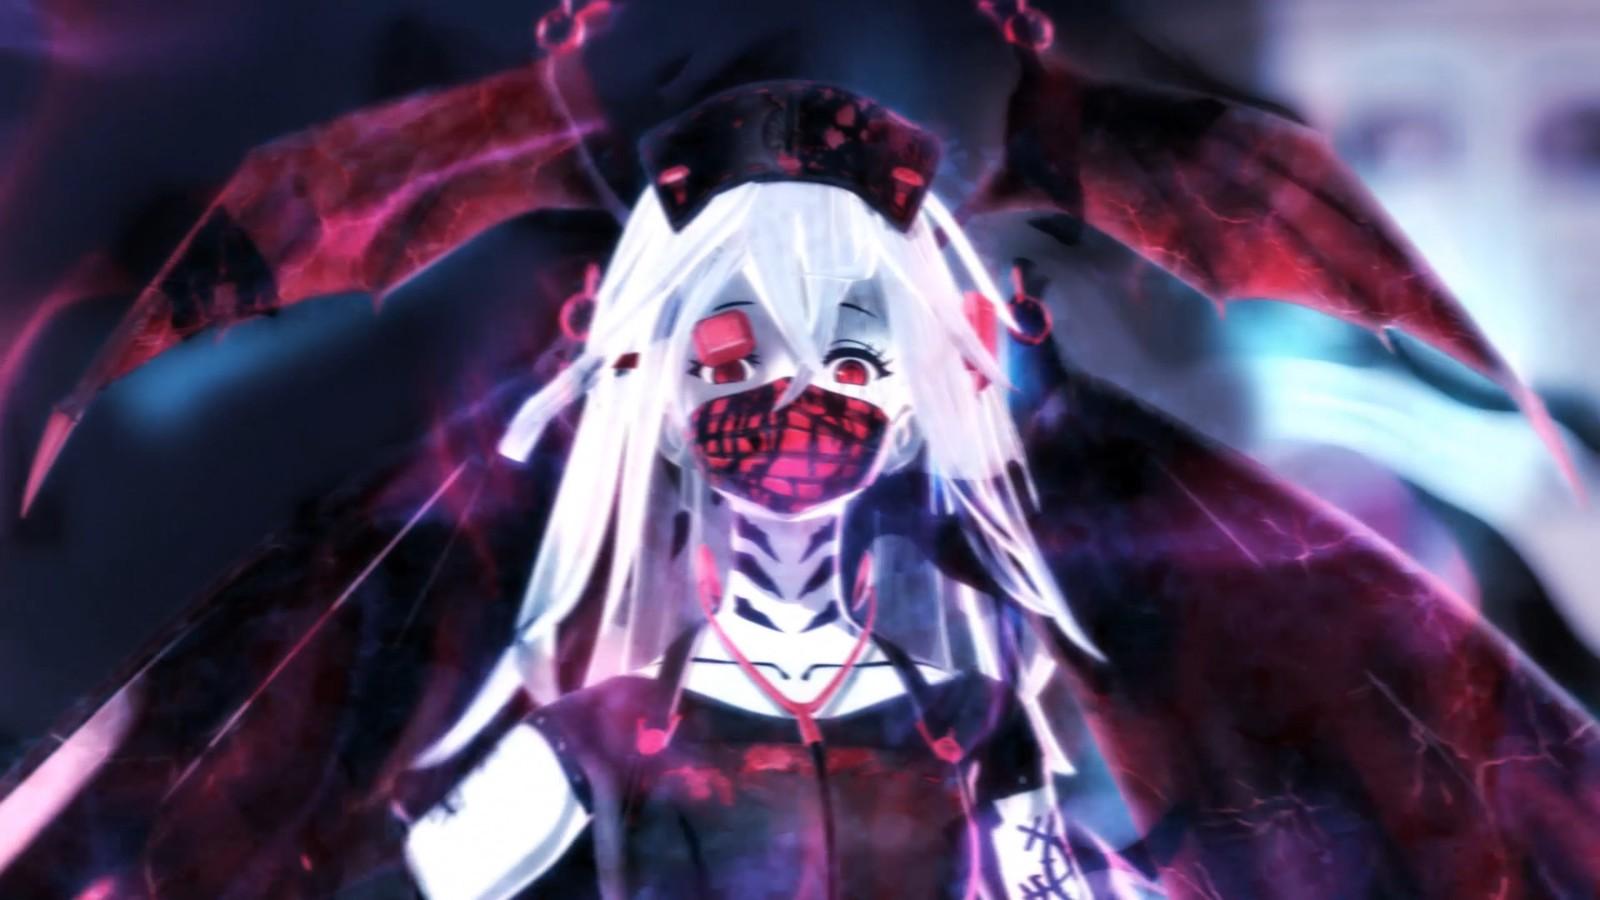 日式校园RPG《罪恶王权》确定2022年初推出PC版